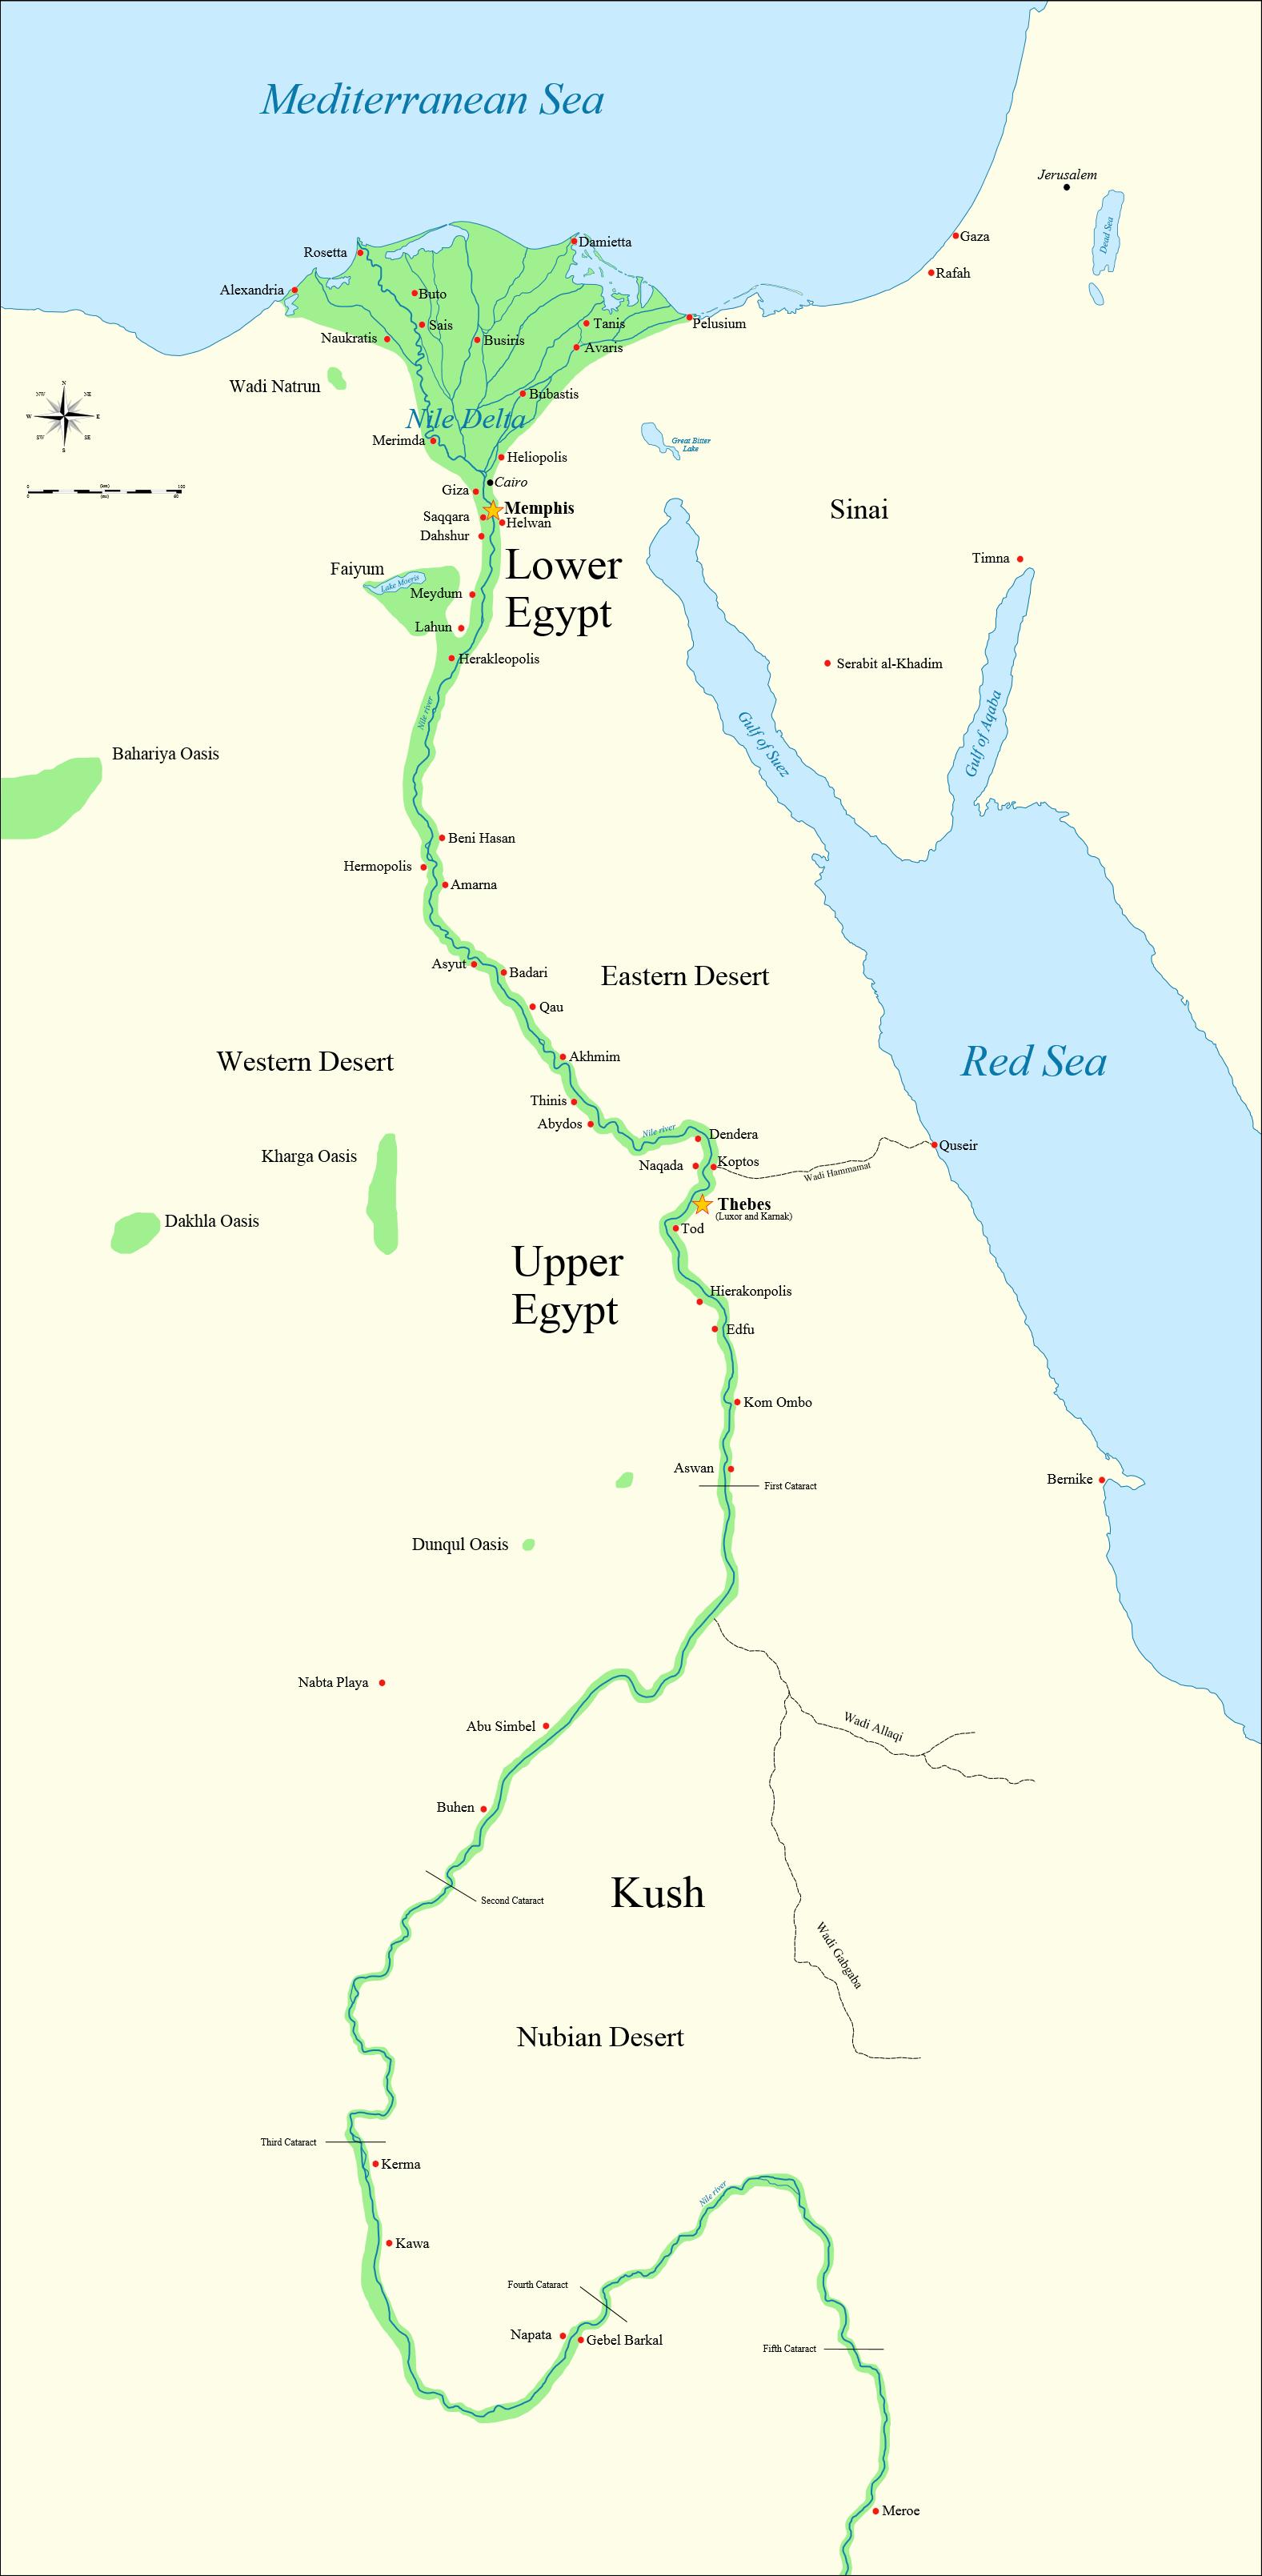 紀元前3150年から紀元前30年までの王朝時代における主要都市及び場所を示した古代エジプトの地図